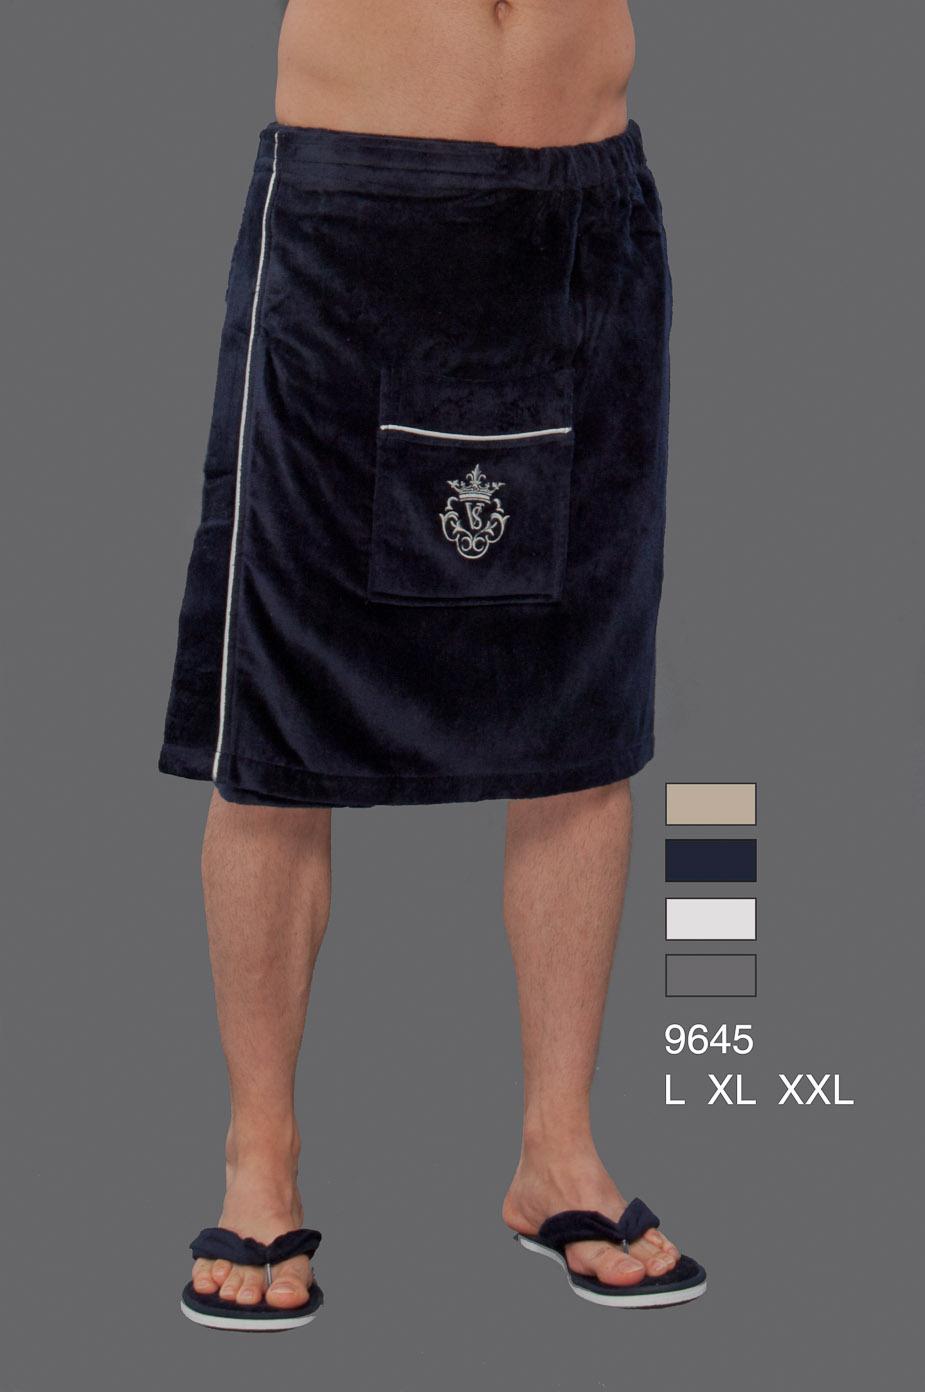 Сауны, бани и оборудование Virginia Secret Набор для сауны Benet